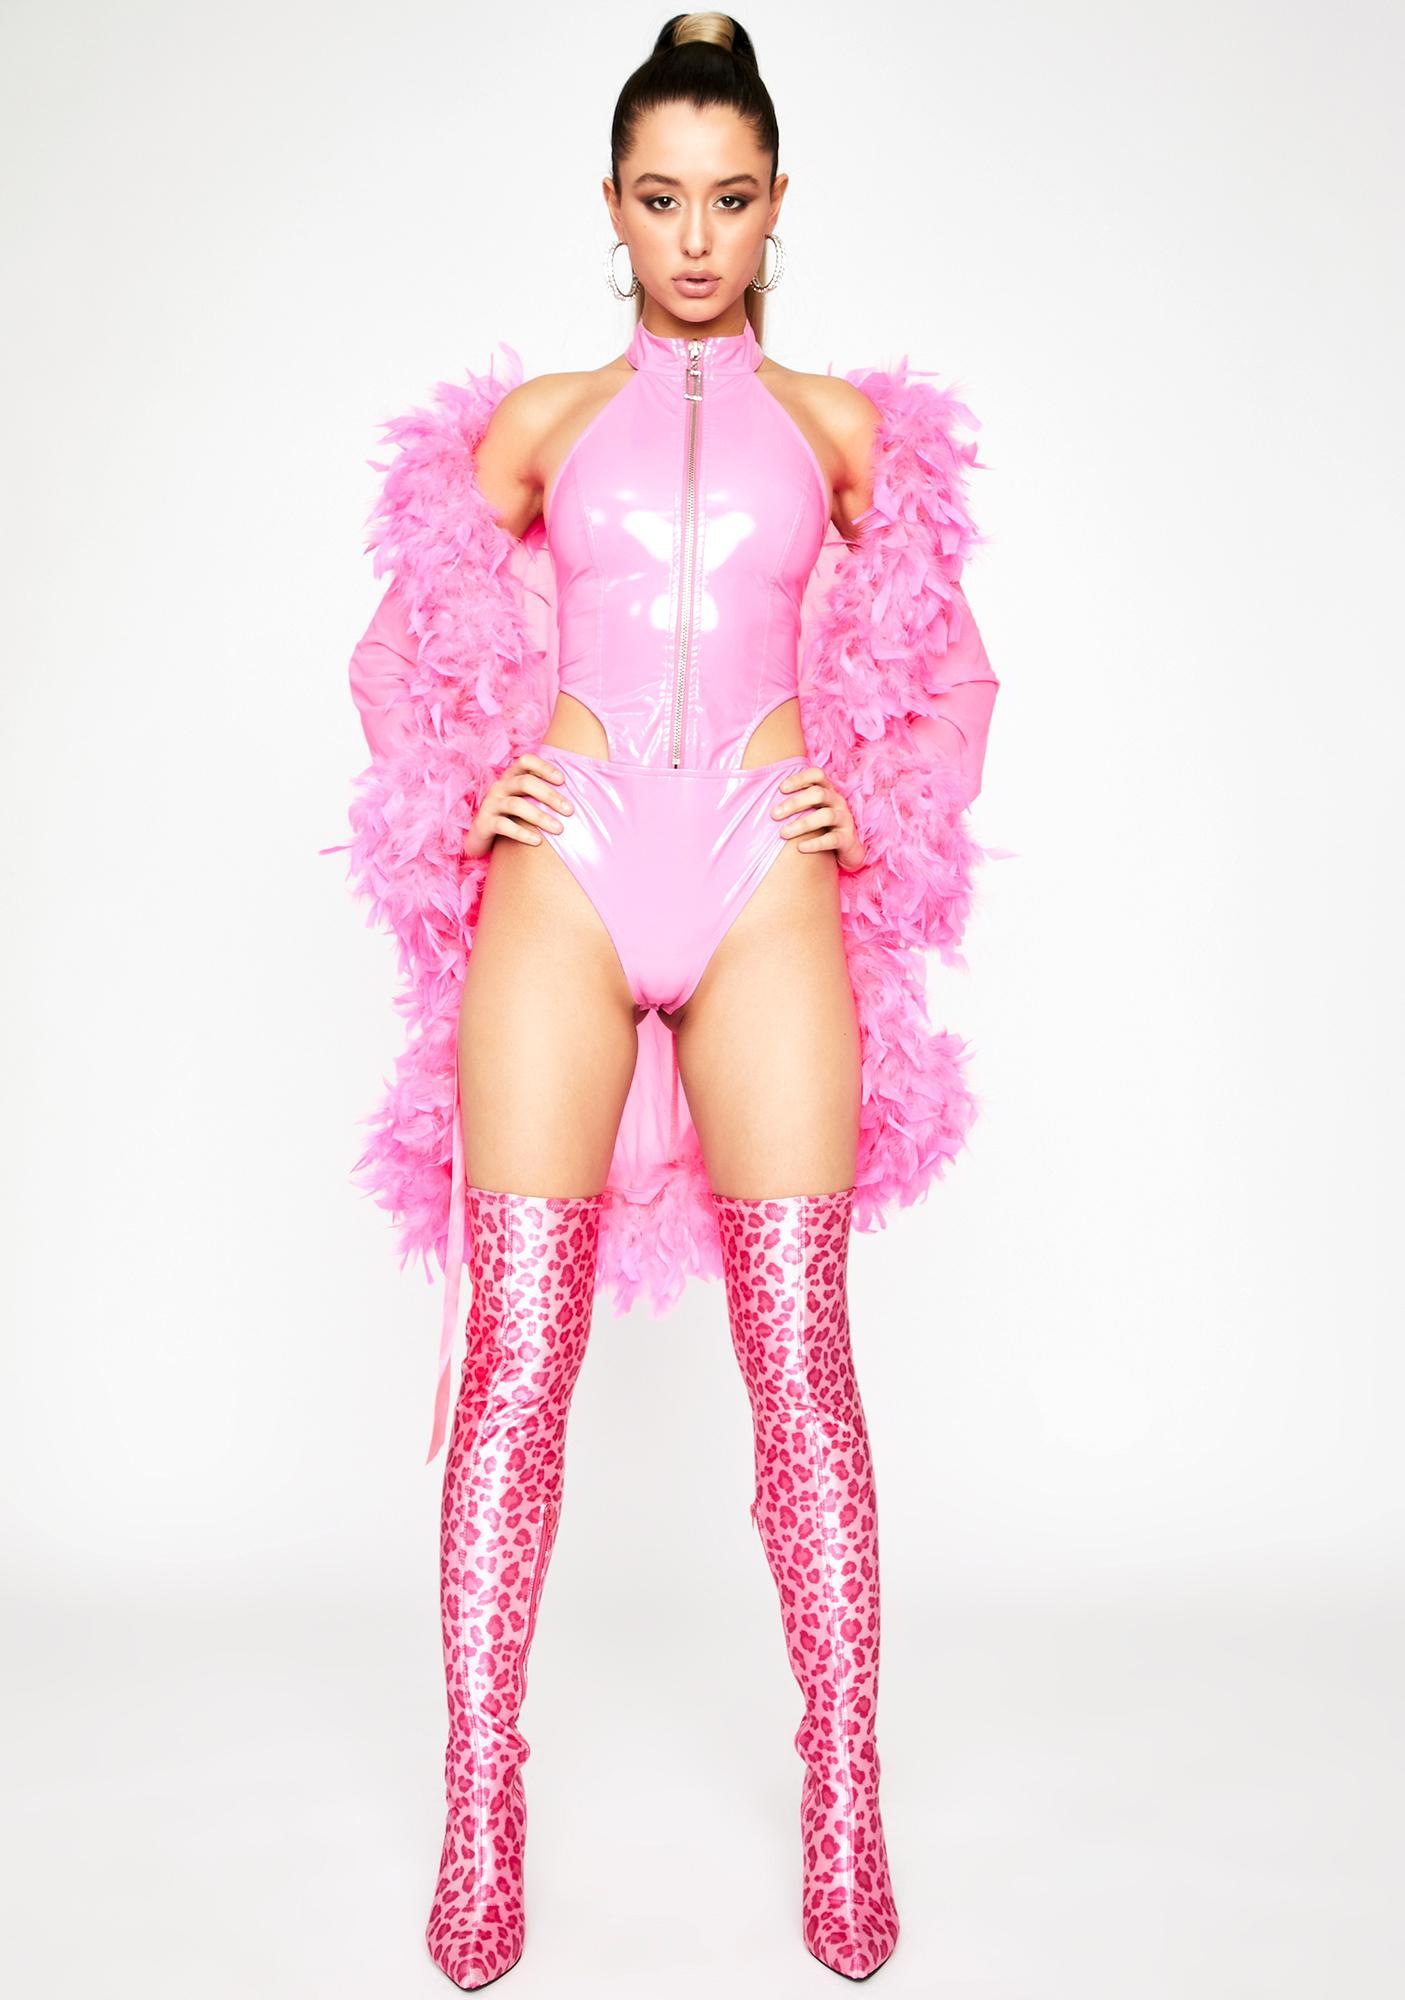 Pixie Euphoria Vinyl Bodysuit